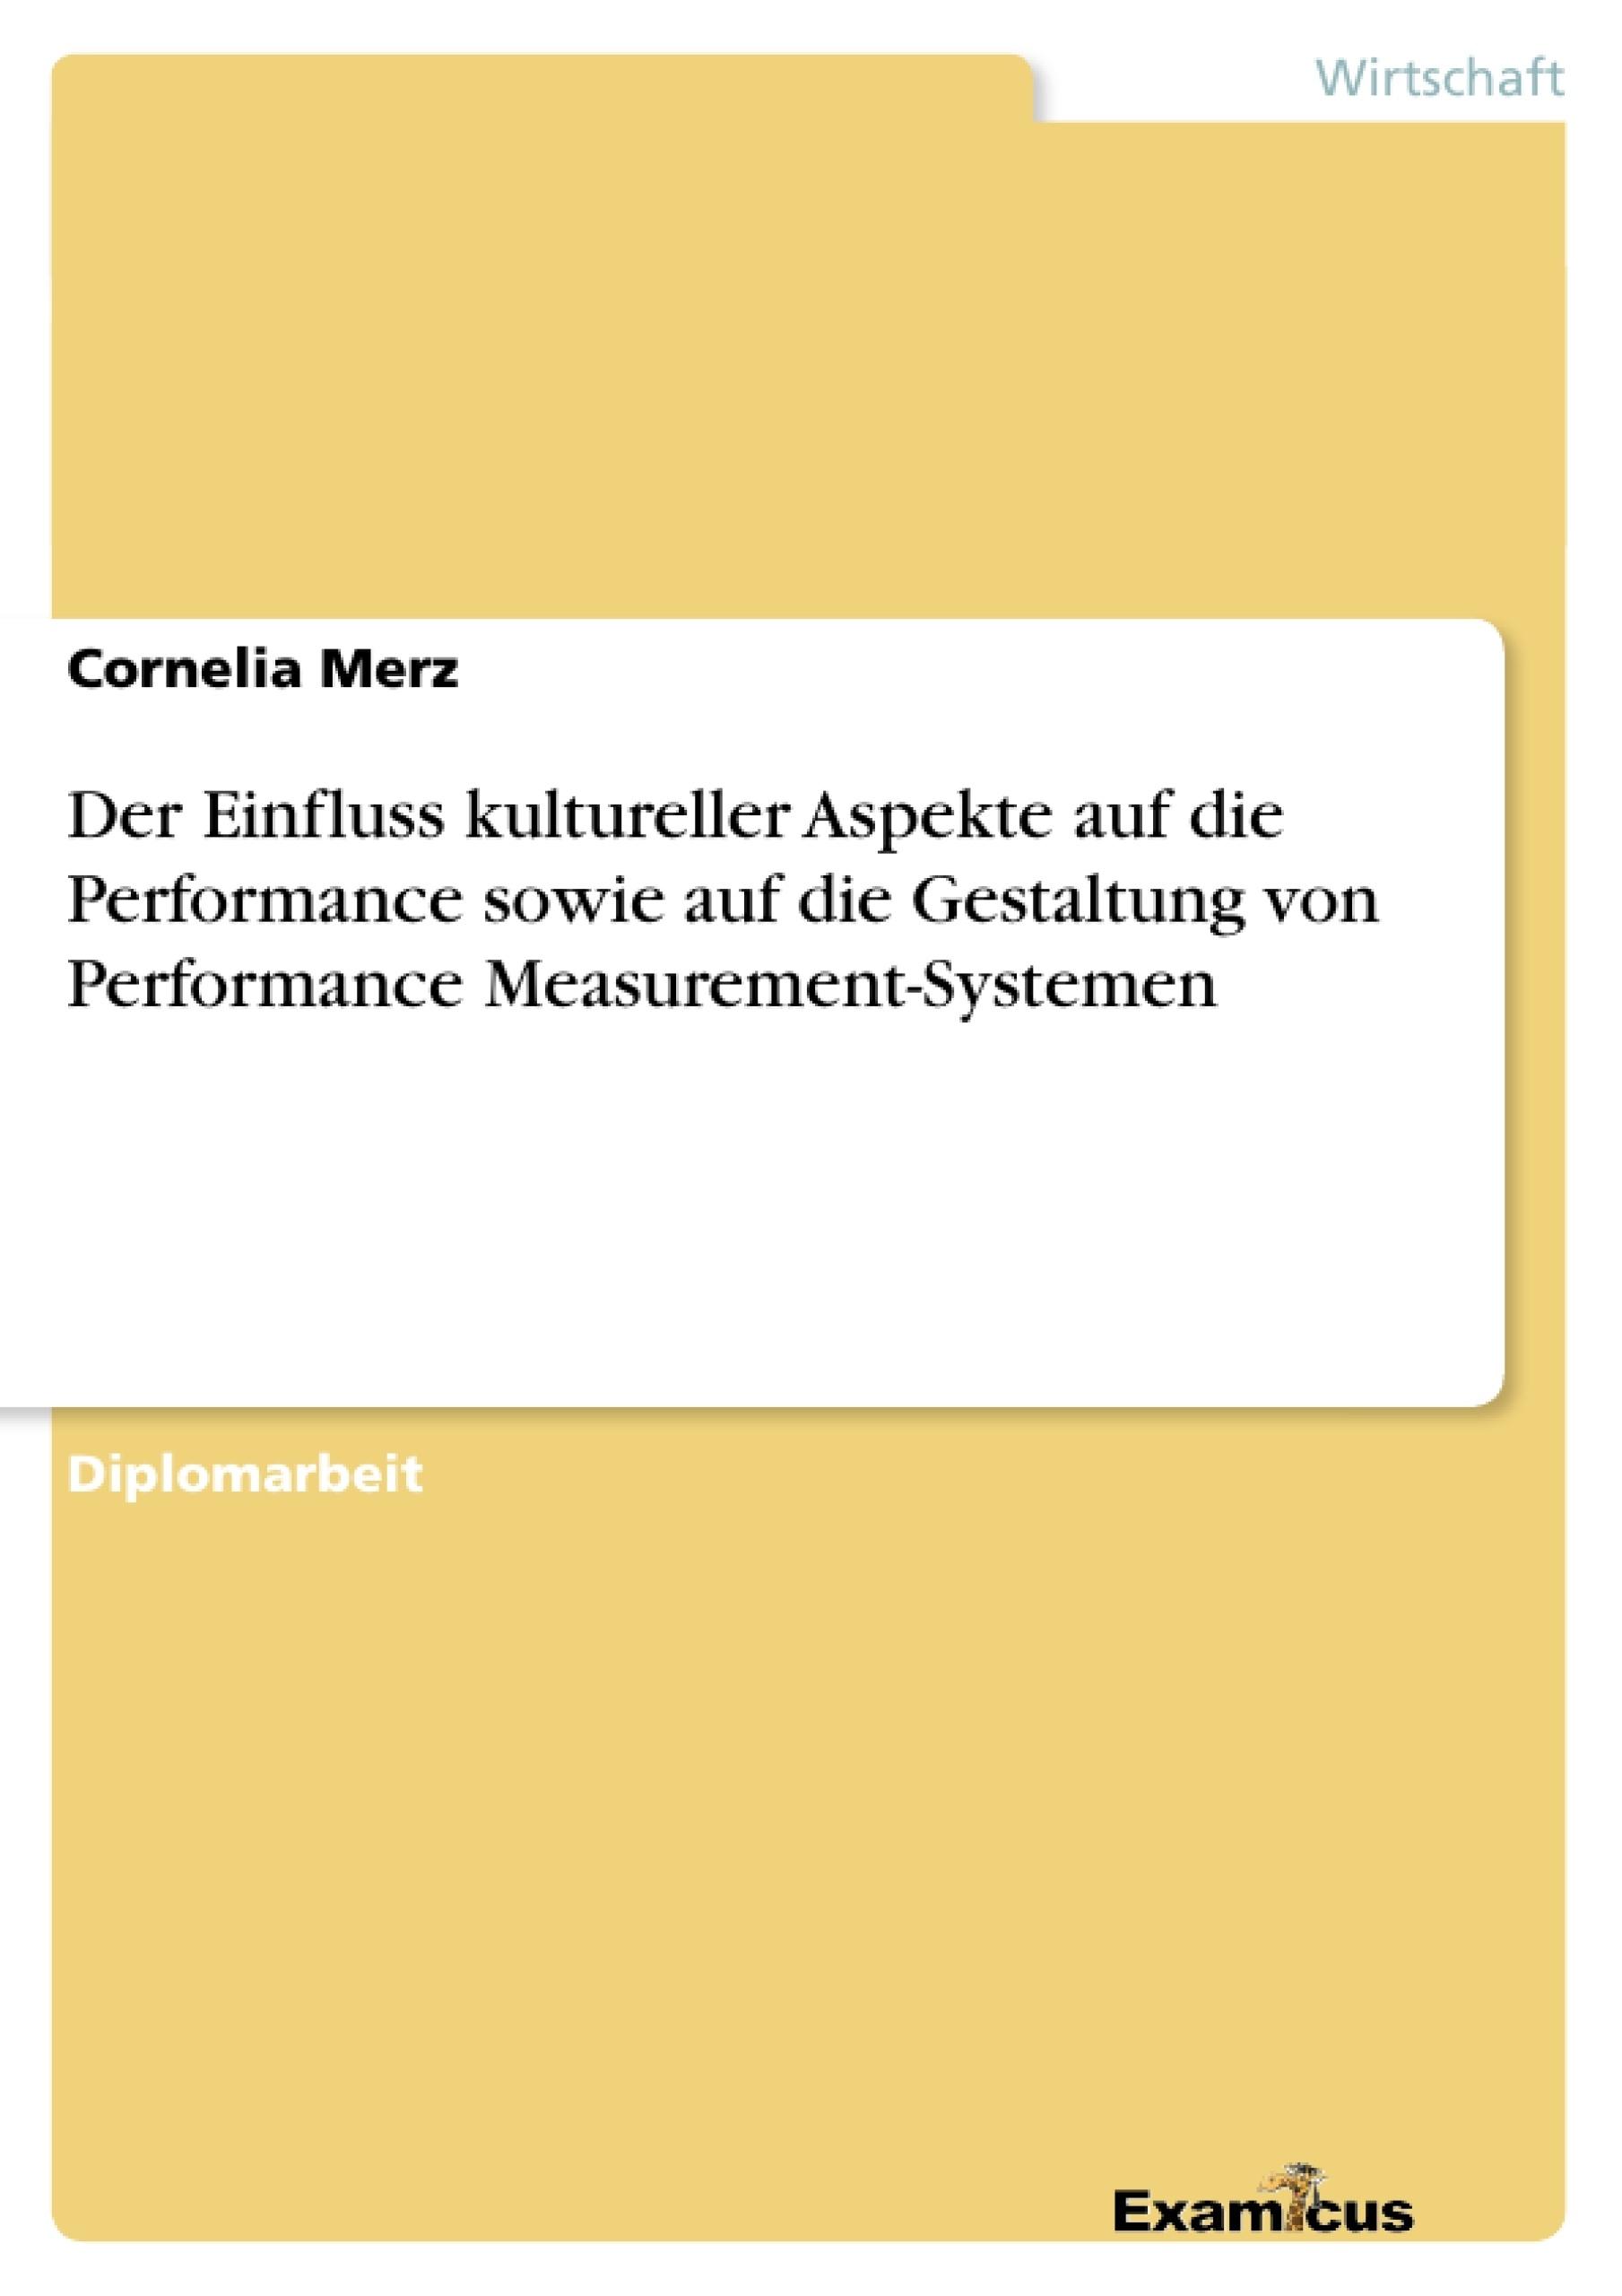 Titel: Der Einfluss kultureller Aspekte auf die Performance sowie auf die Gestaltung von Performance Measurement-Systemen